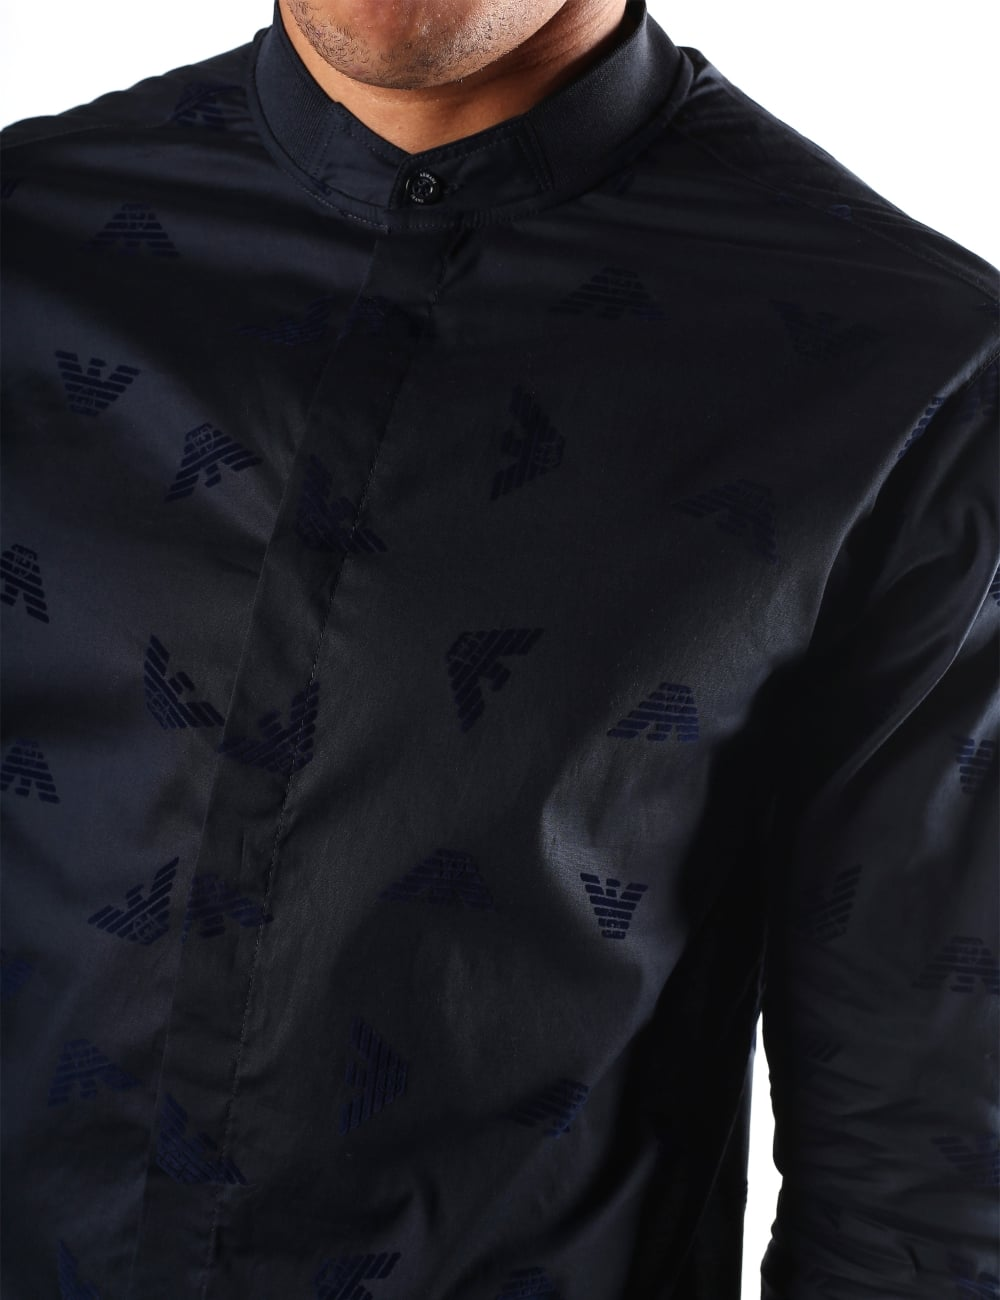 luonteen kengät säästää jopa 80% hieno tyyli Armani Jeans Polo Shirt Size Guide   Toffee Art